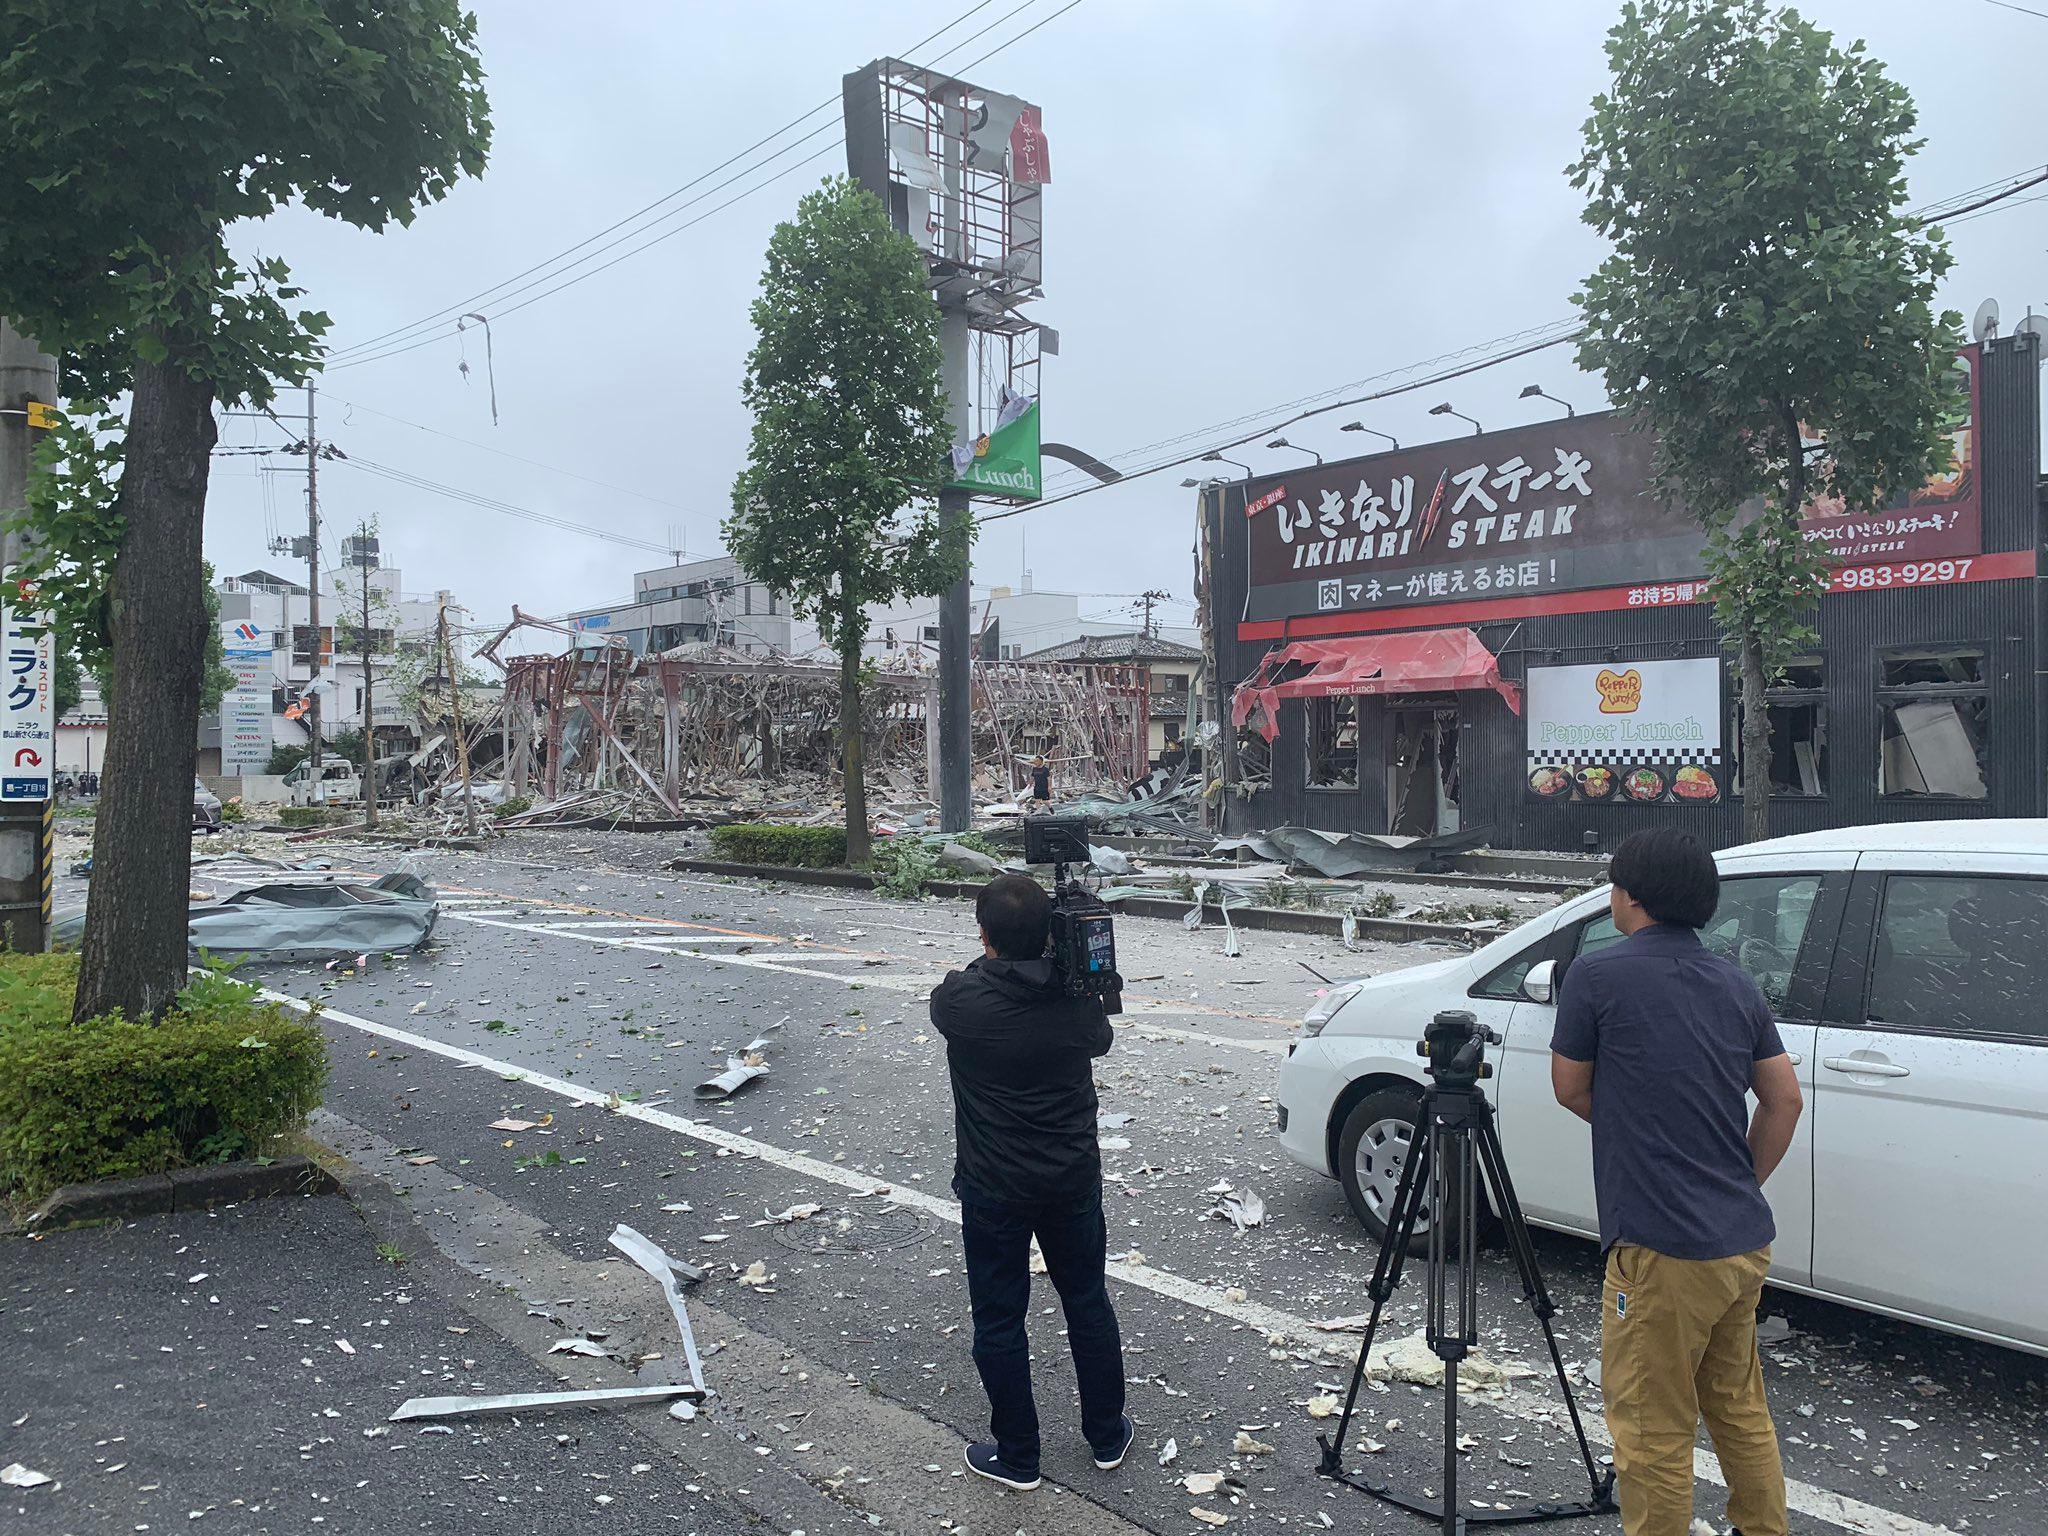 В Фукусиме произошёл взрыв газа, есть пострадавшие